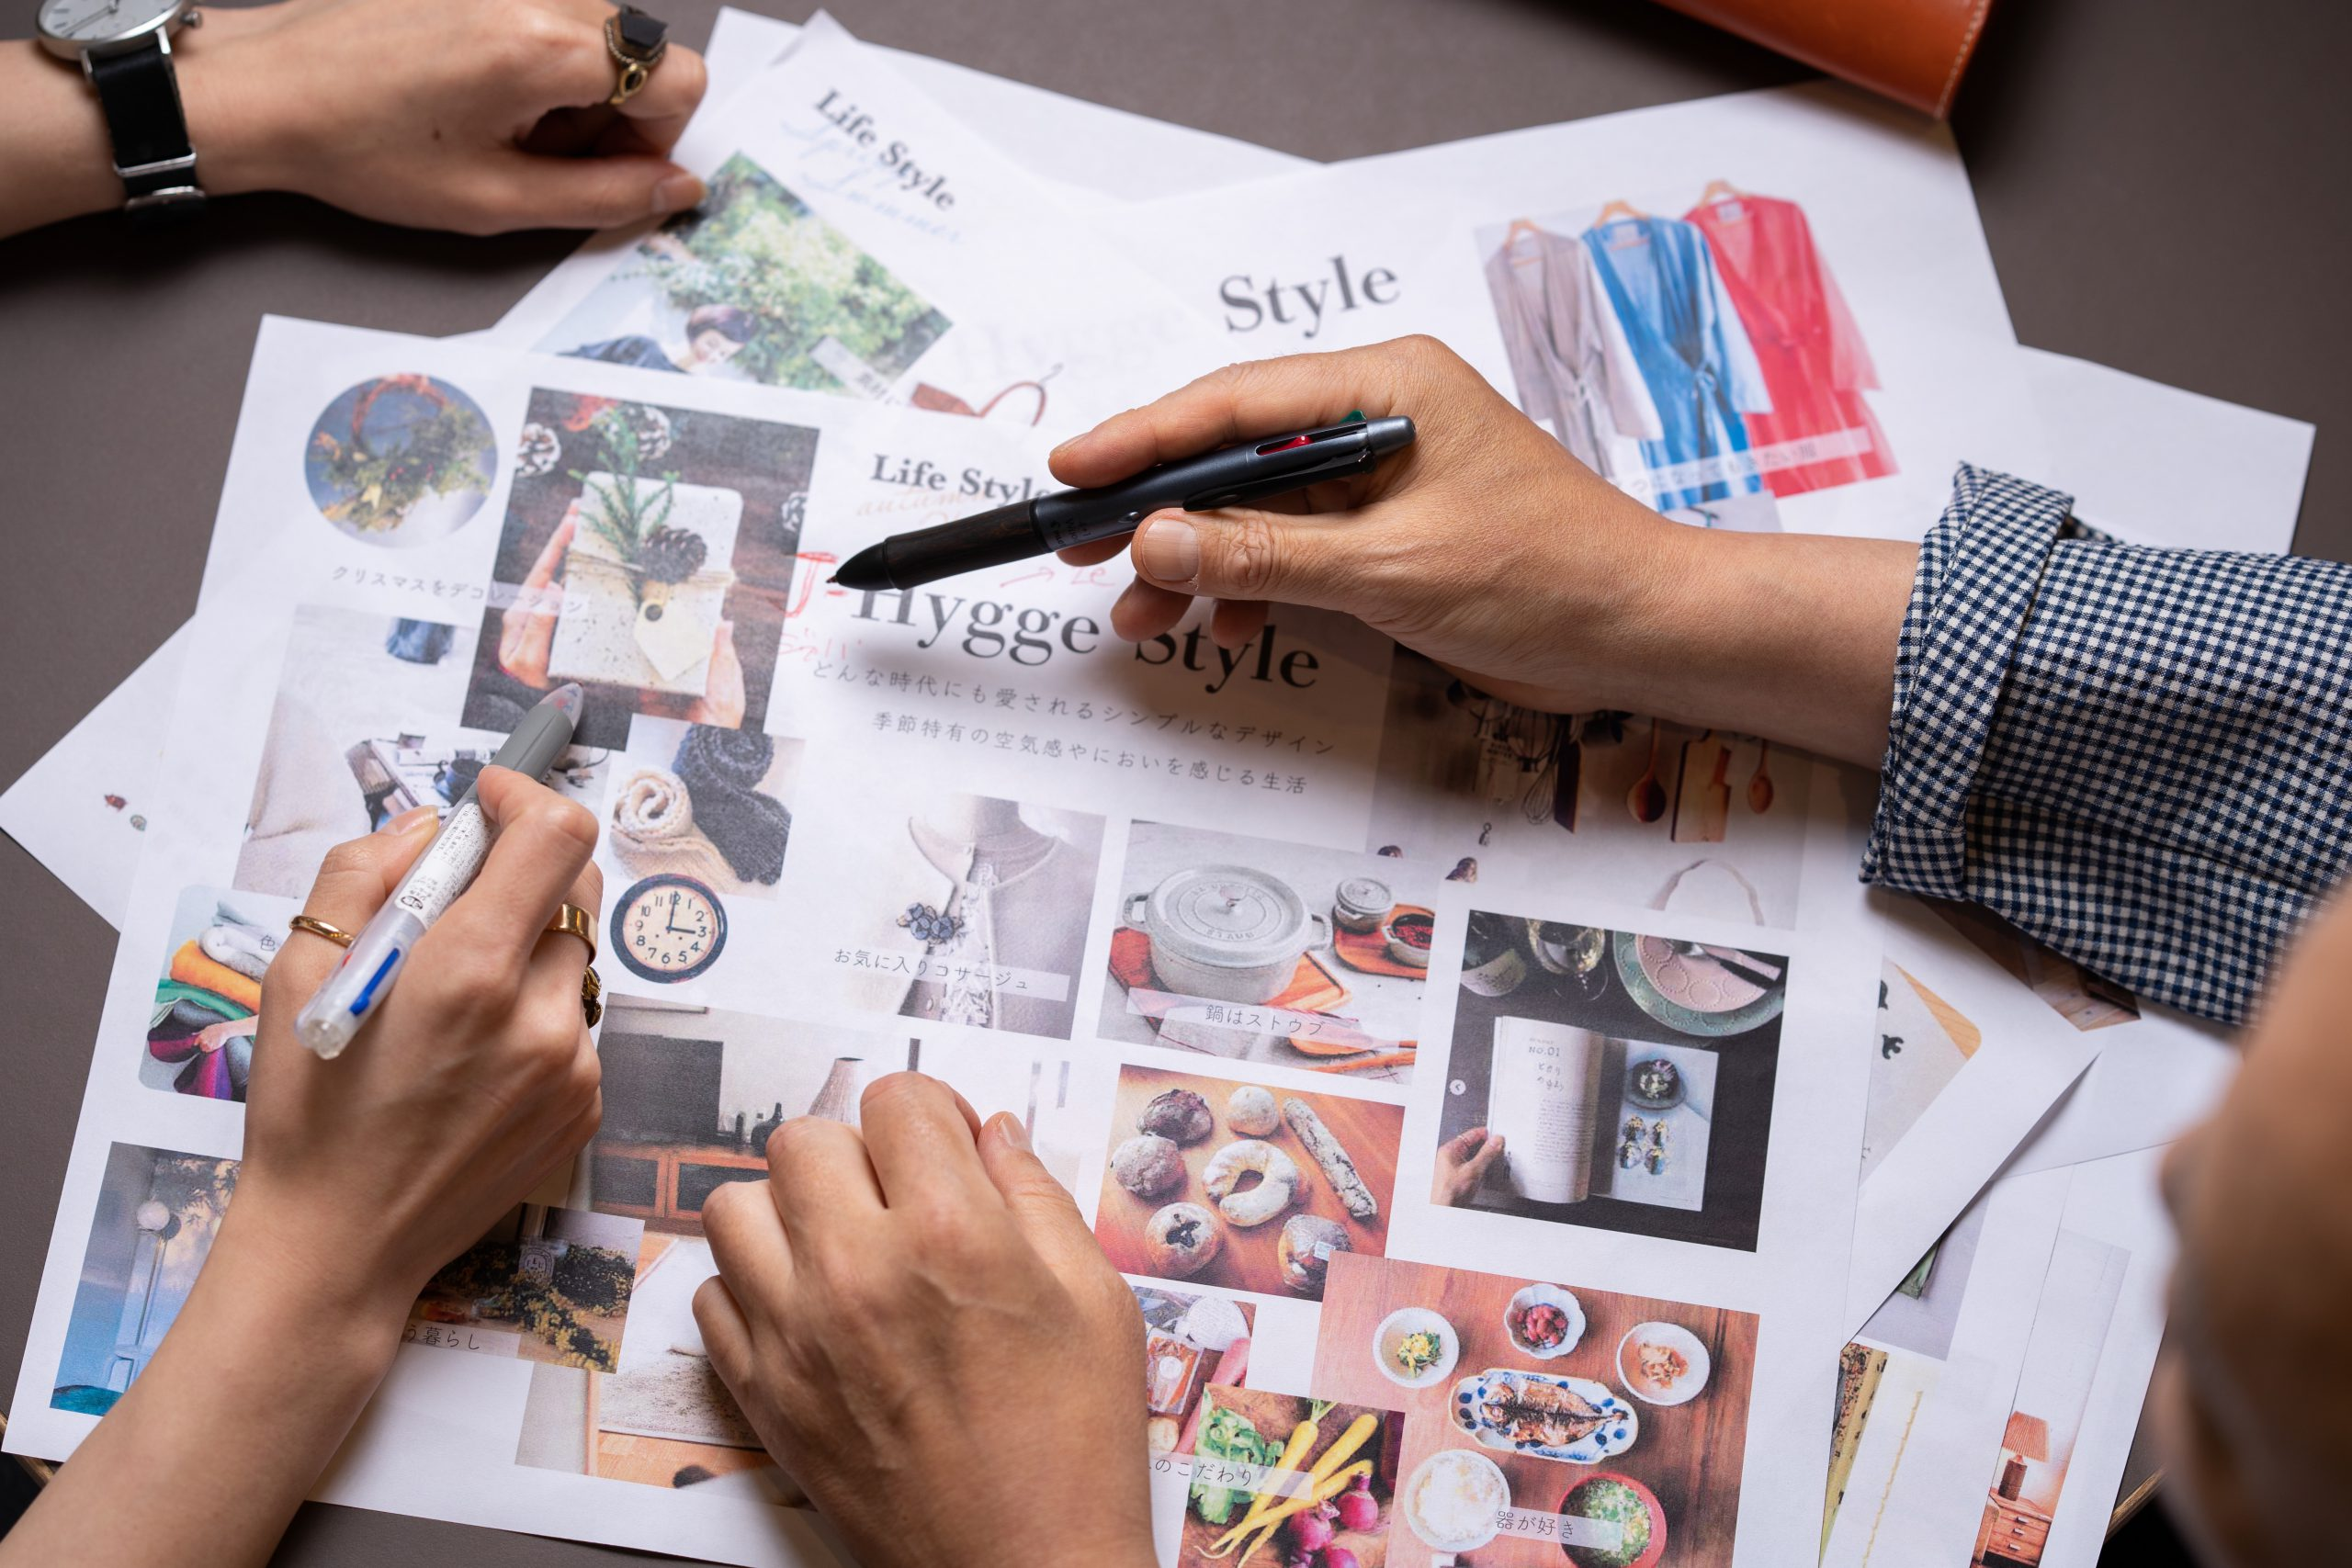 なぜファッション視点から考える小さな会社のビジネスの創り方セミナーを開催するのか?